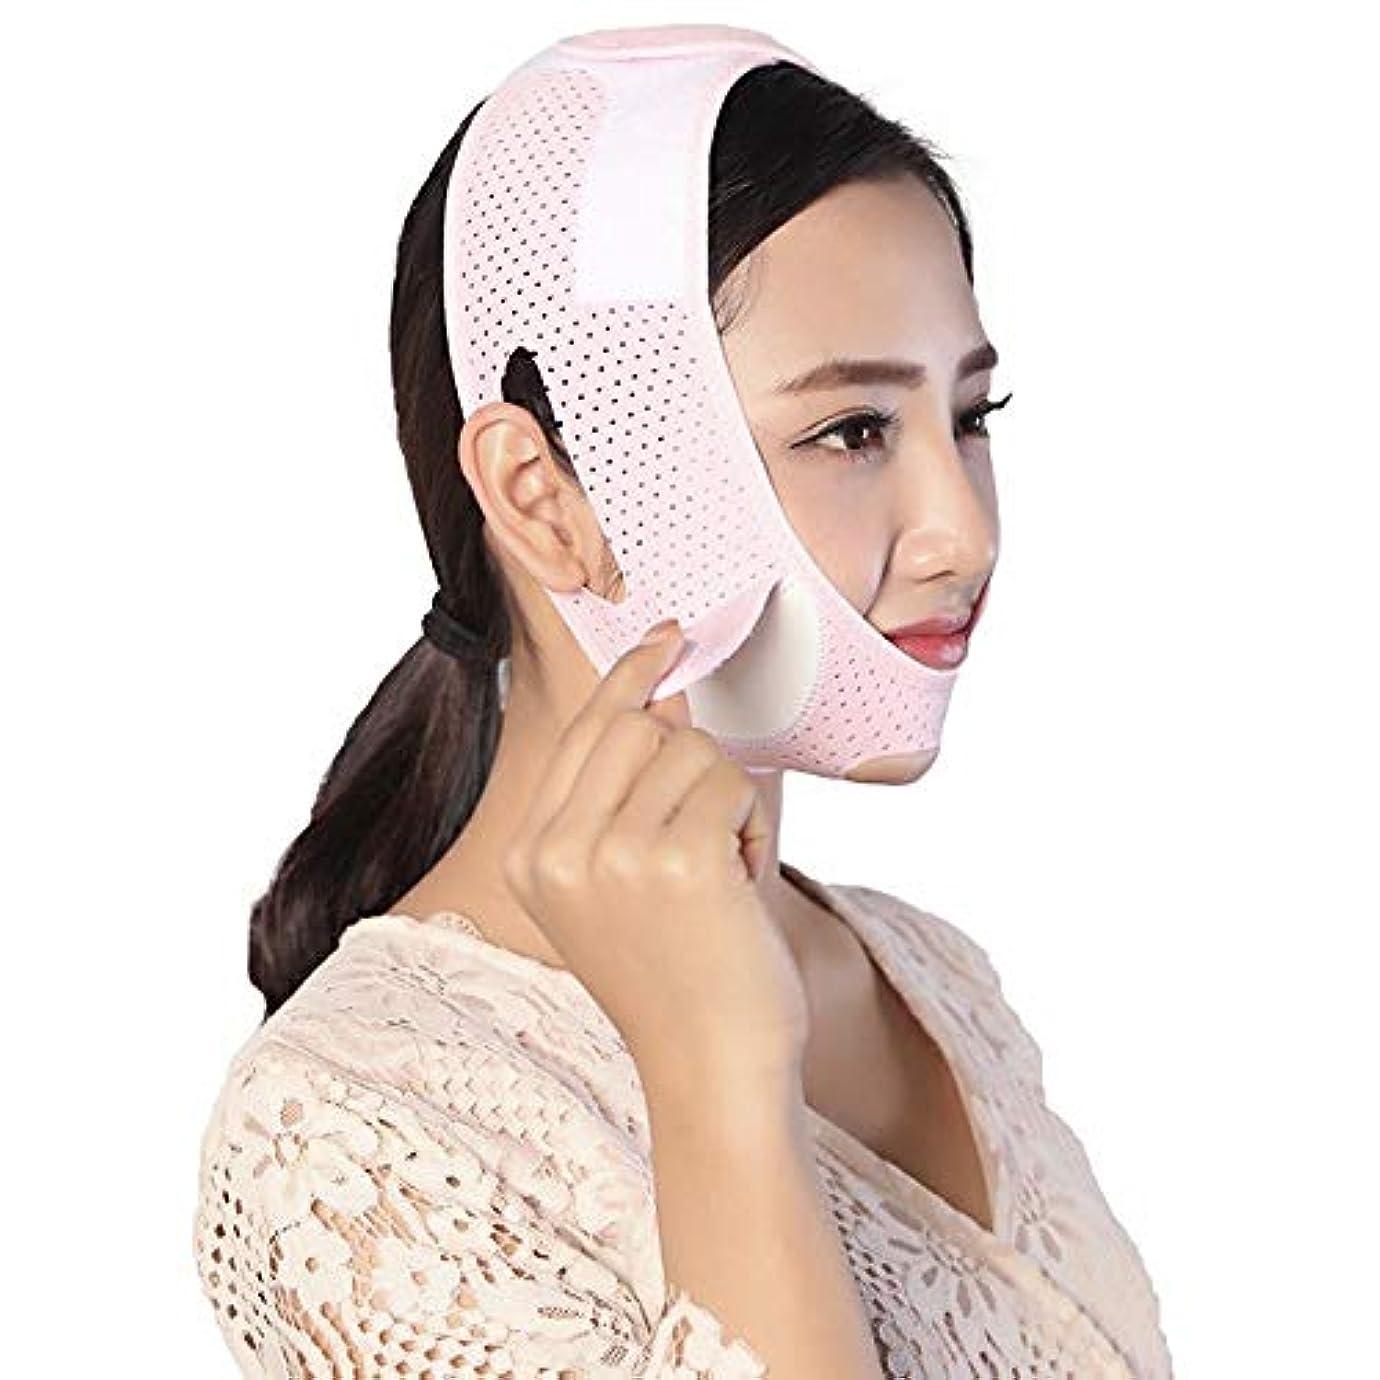 仕立て屋グラフィック従者GYZ フェイシャルリフティング痩身ベルト - 圧縮二重あご減量ベルトスキンケア薄い顔包帯 Thin Face Belt